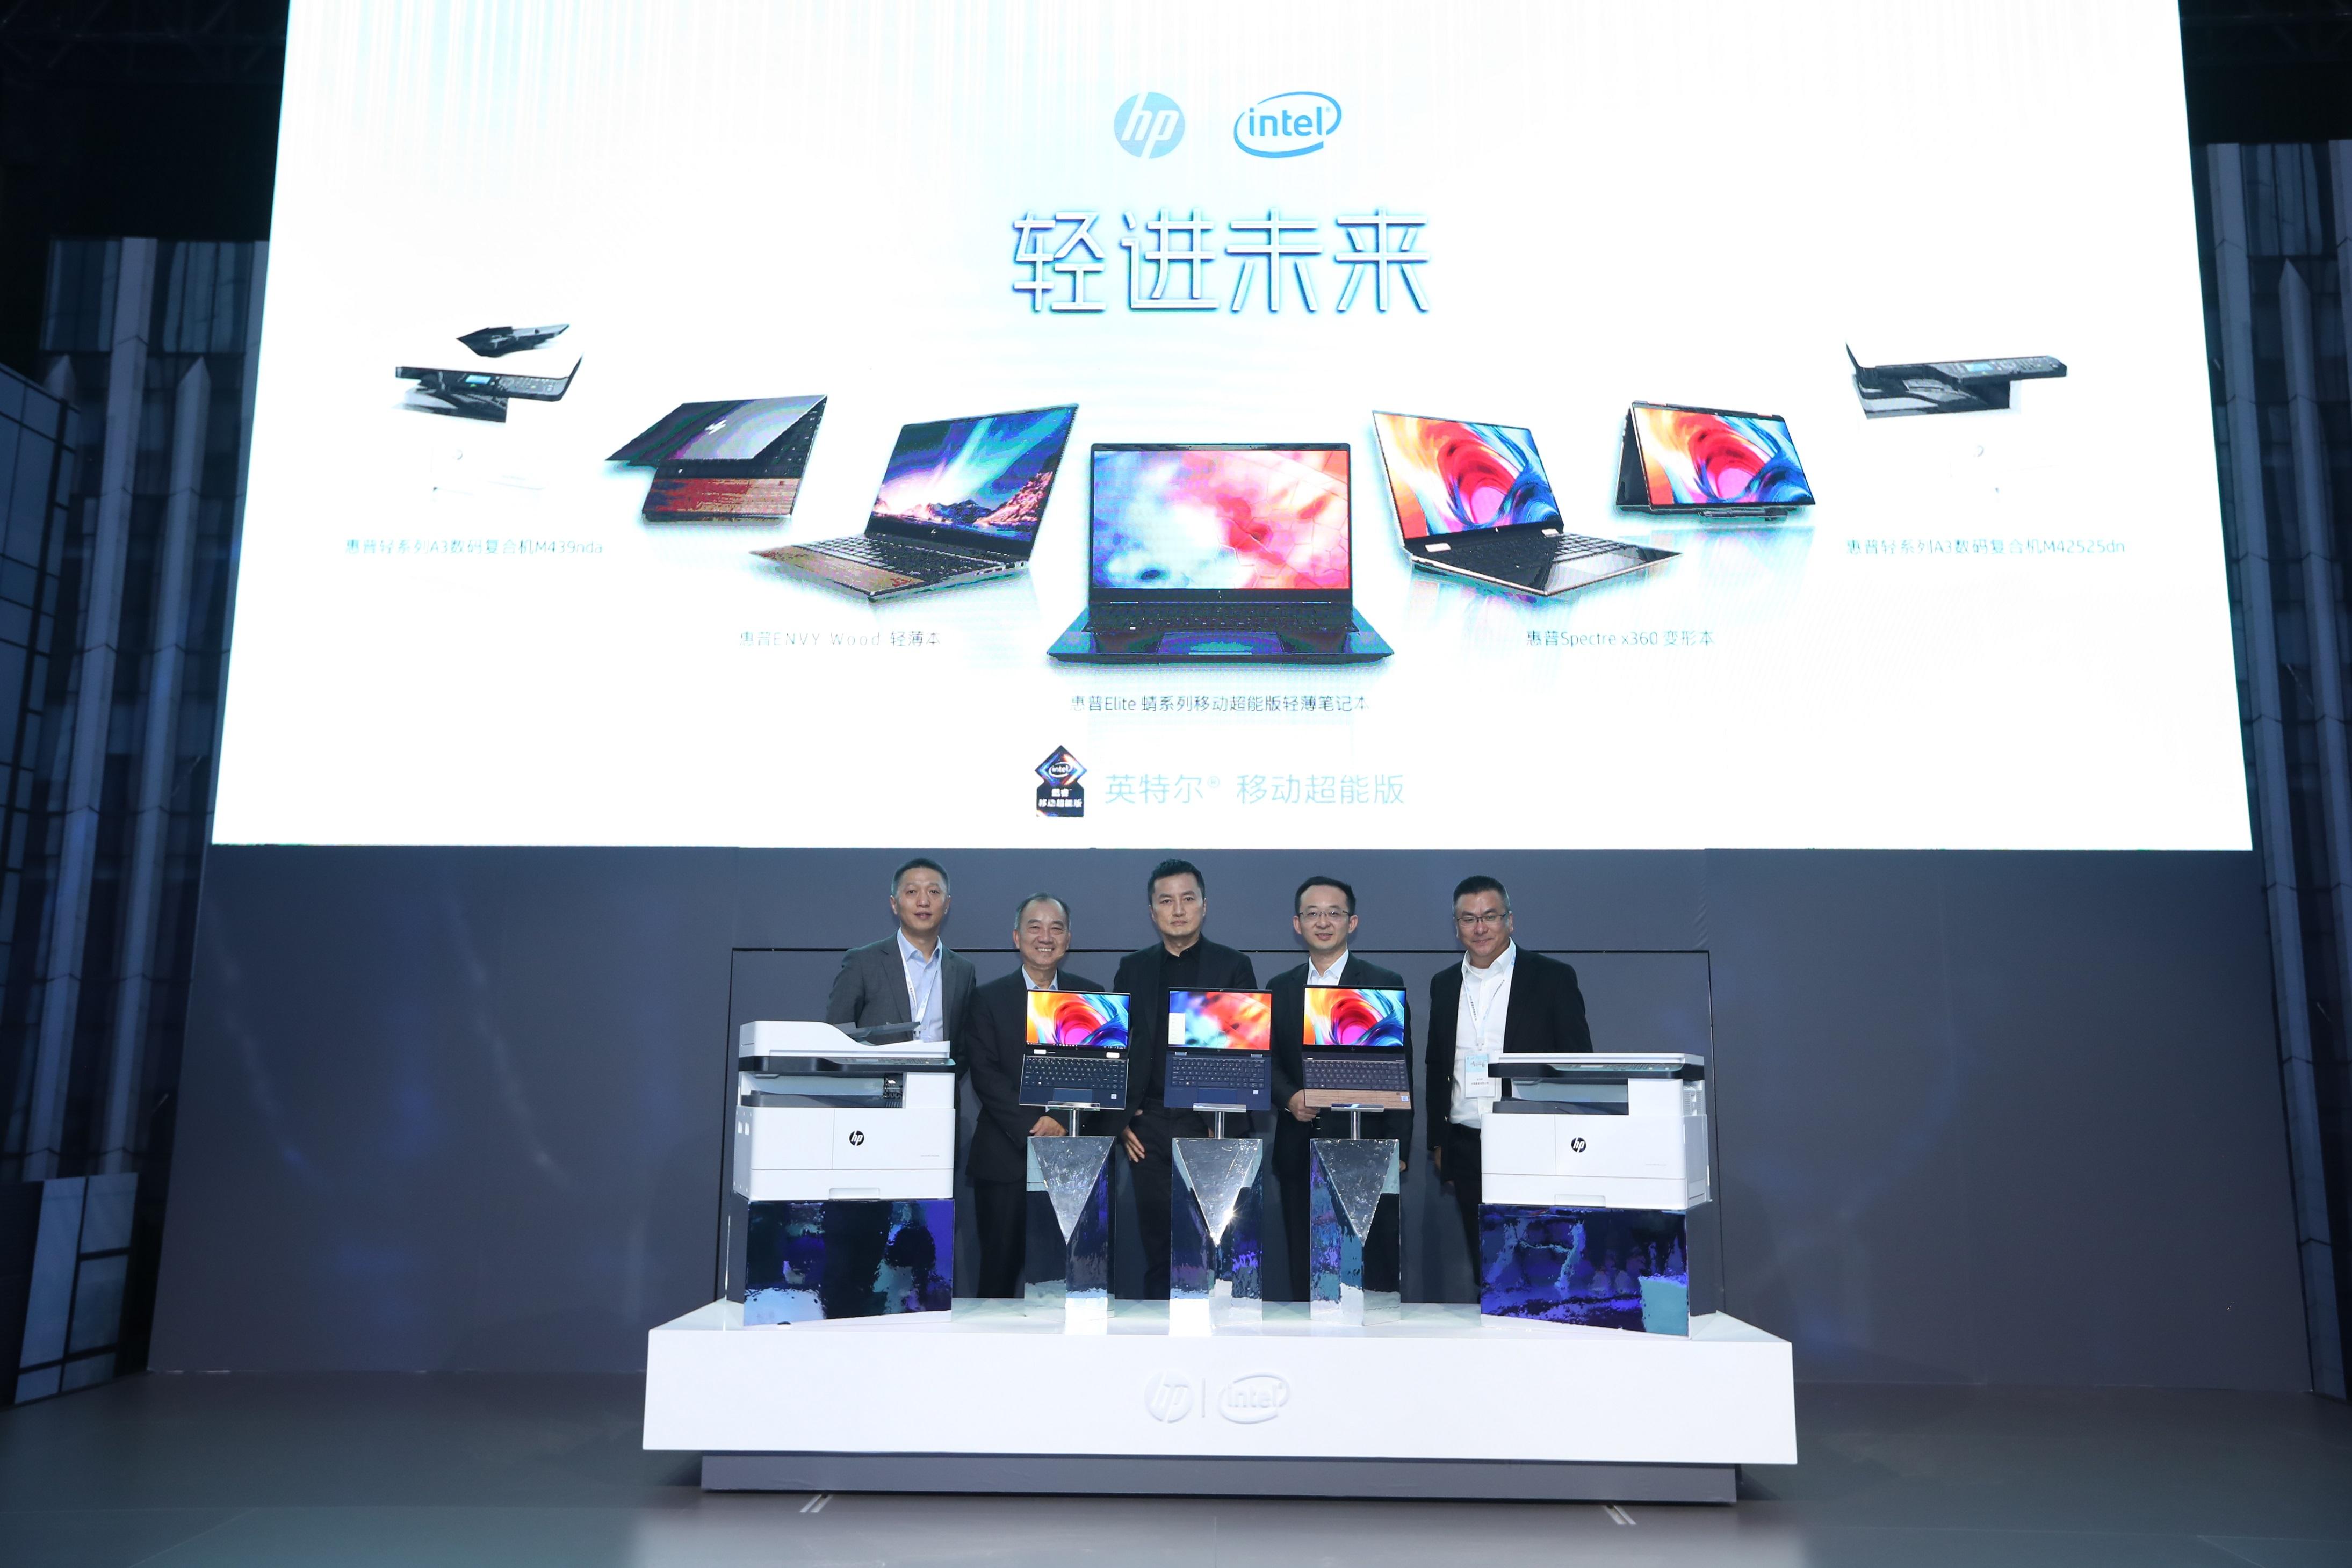 惠普重磅发布新一代产品及解决方案,引领未来工作生活方式